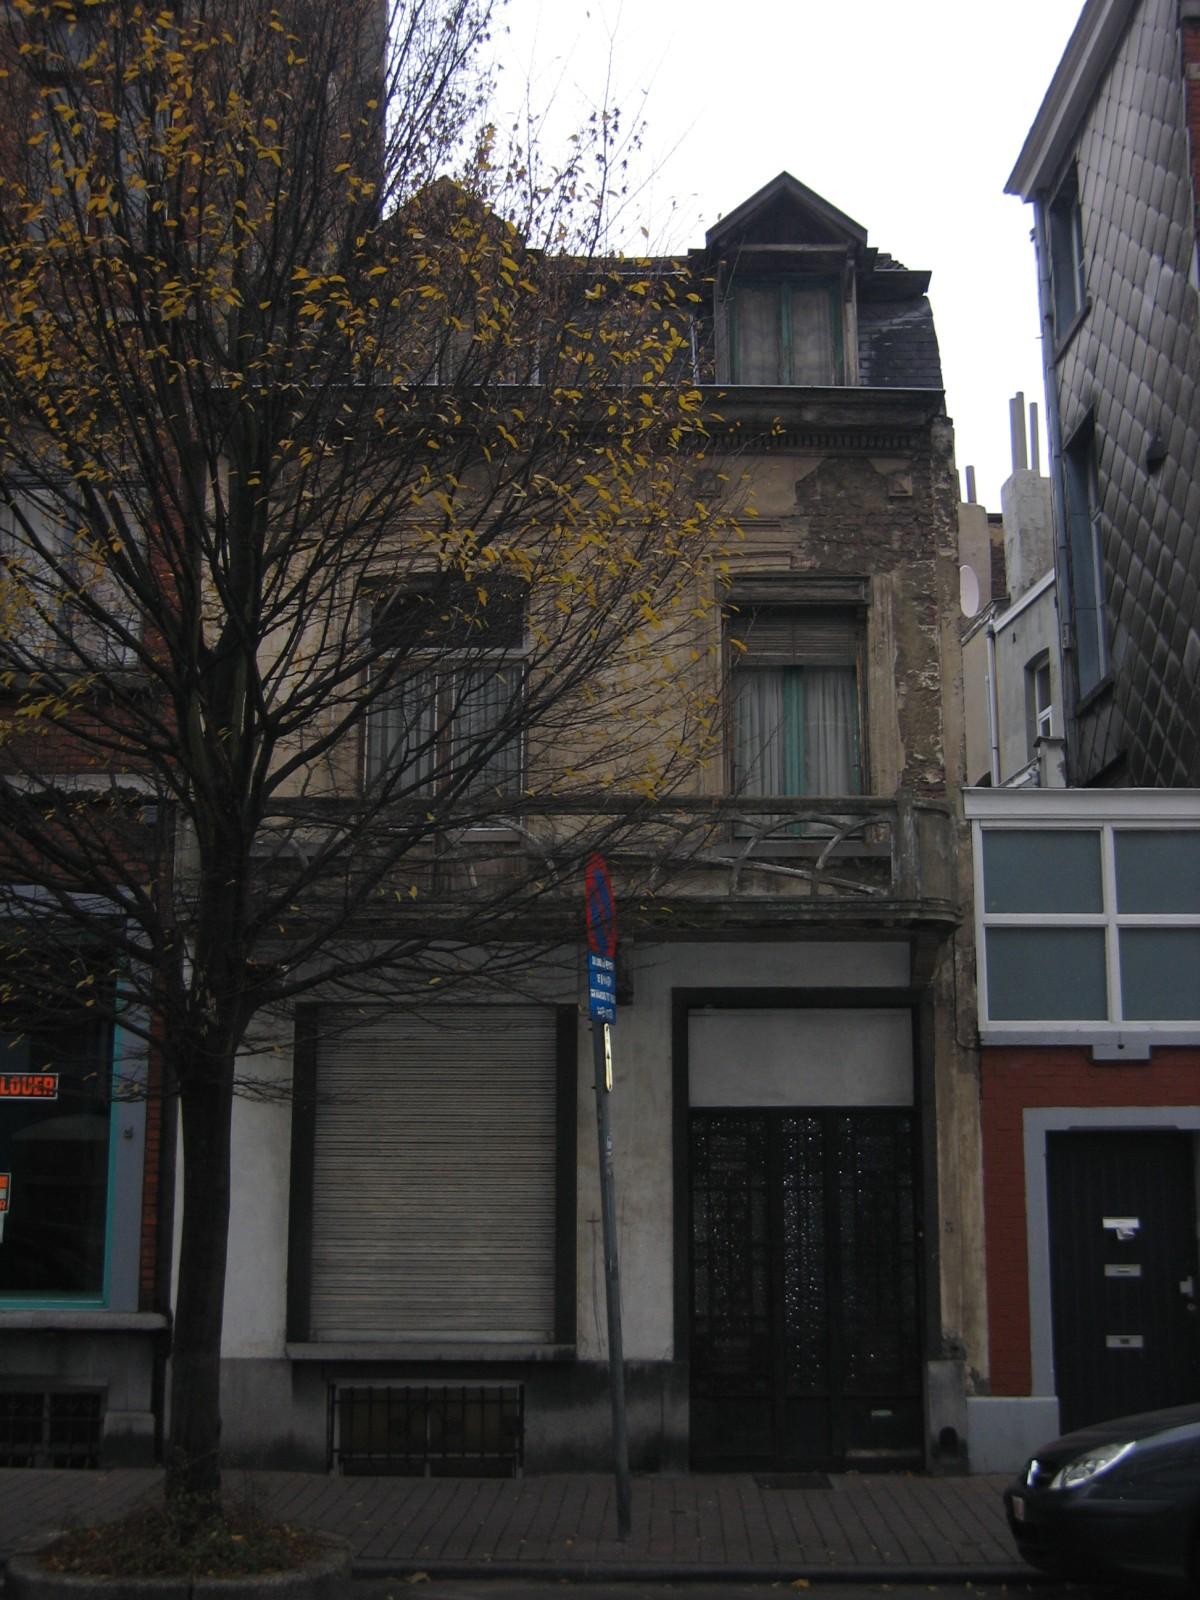 Savoiestraat 3, huis van 1896 met borstwering in rocaille (1930) en metalen deur., 2004